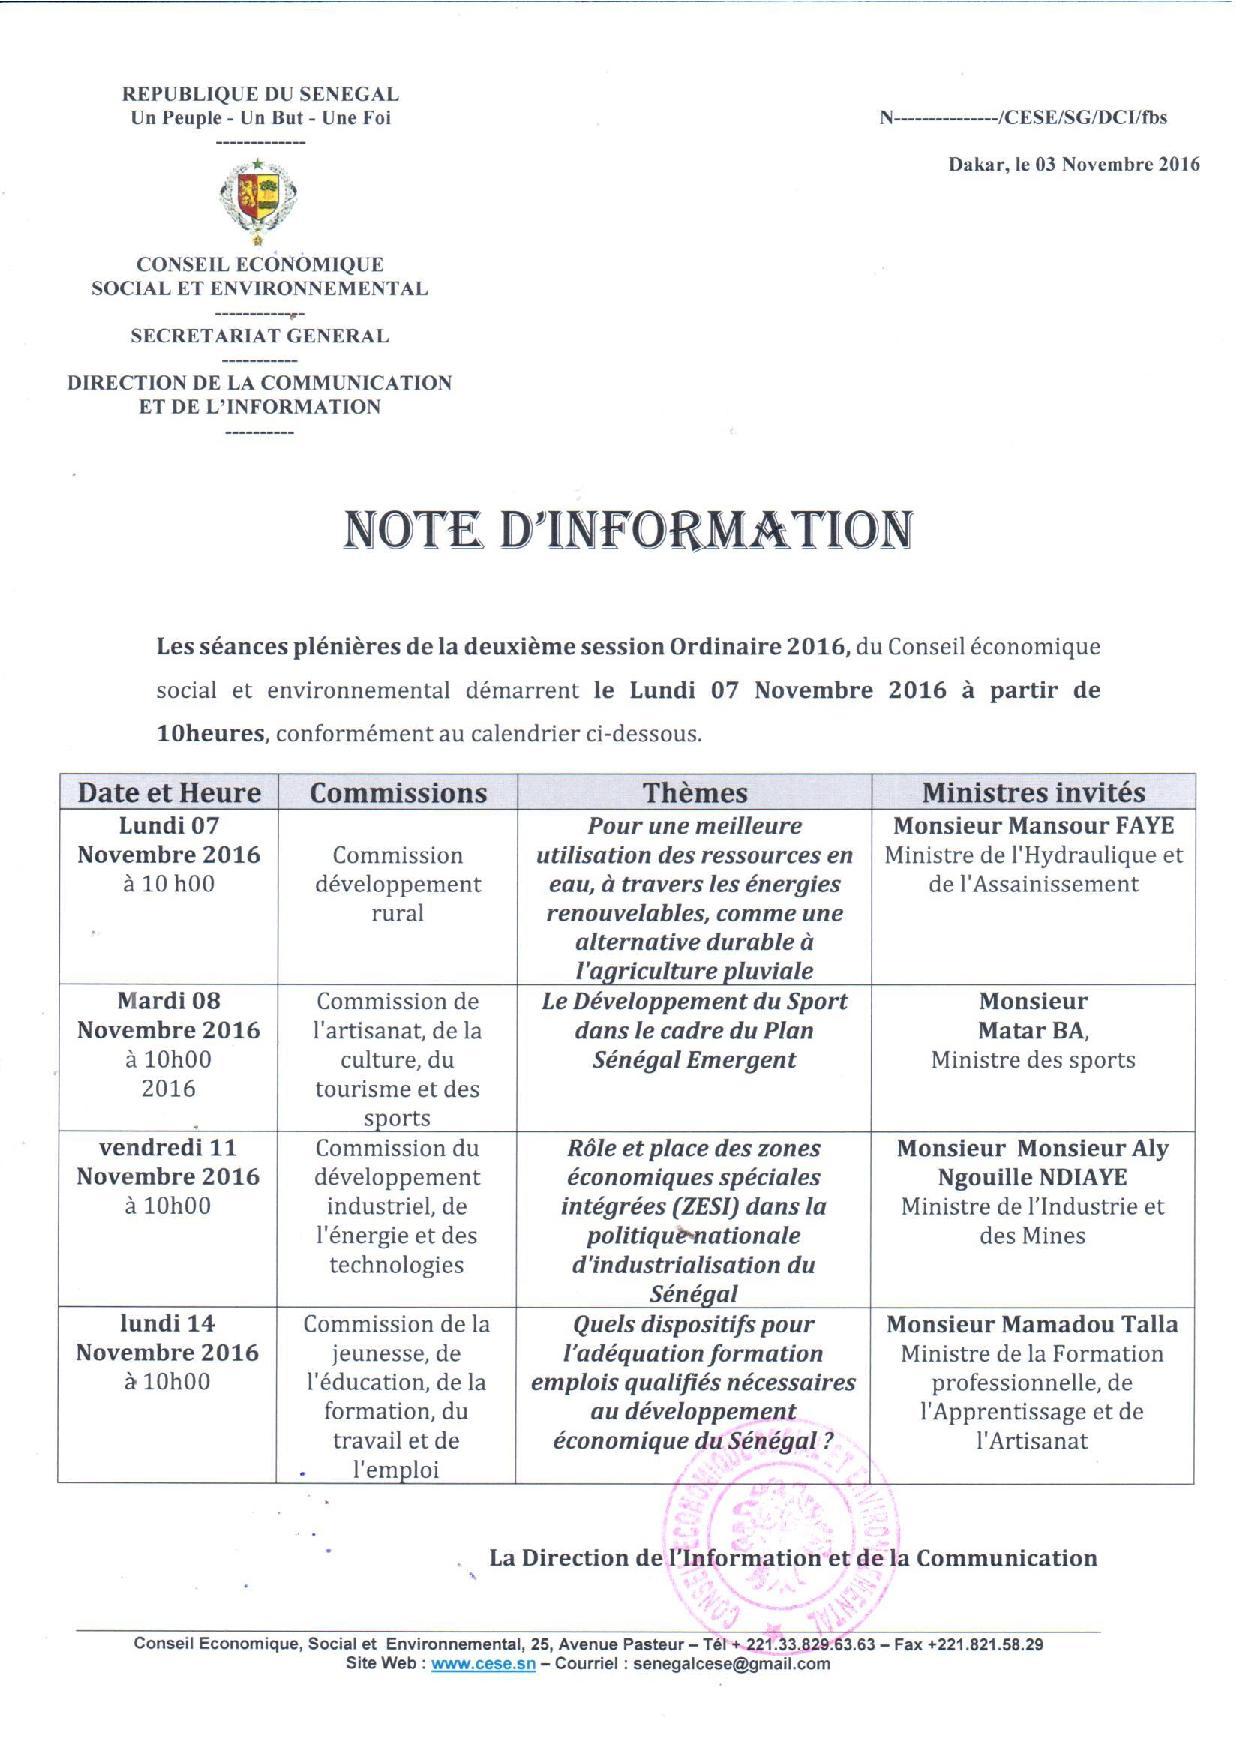 Le programme des séances plénières du Le Conseil Economique, Social et Environnemental.